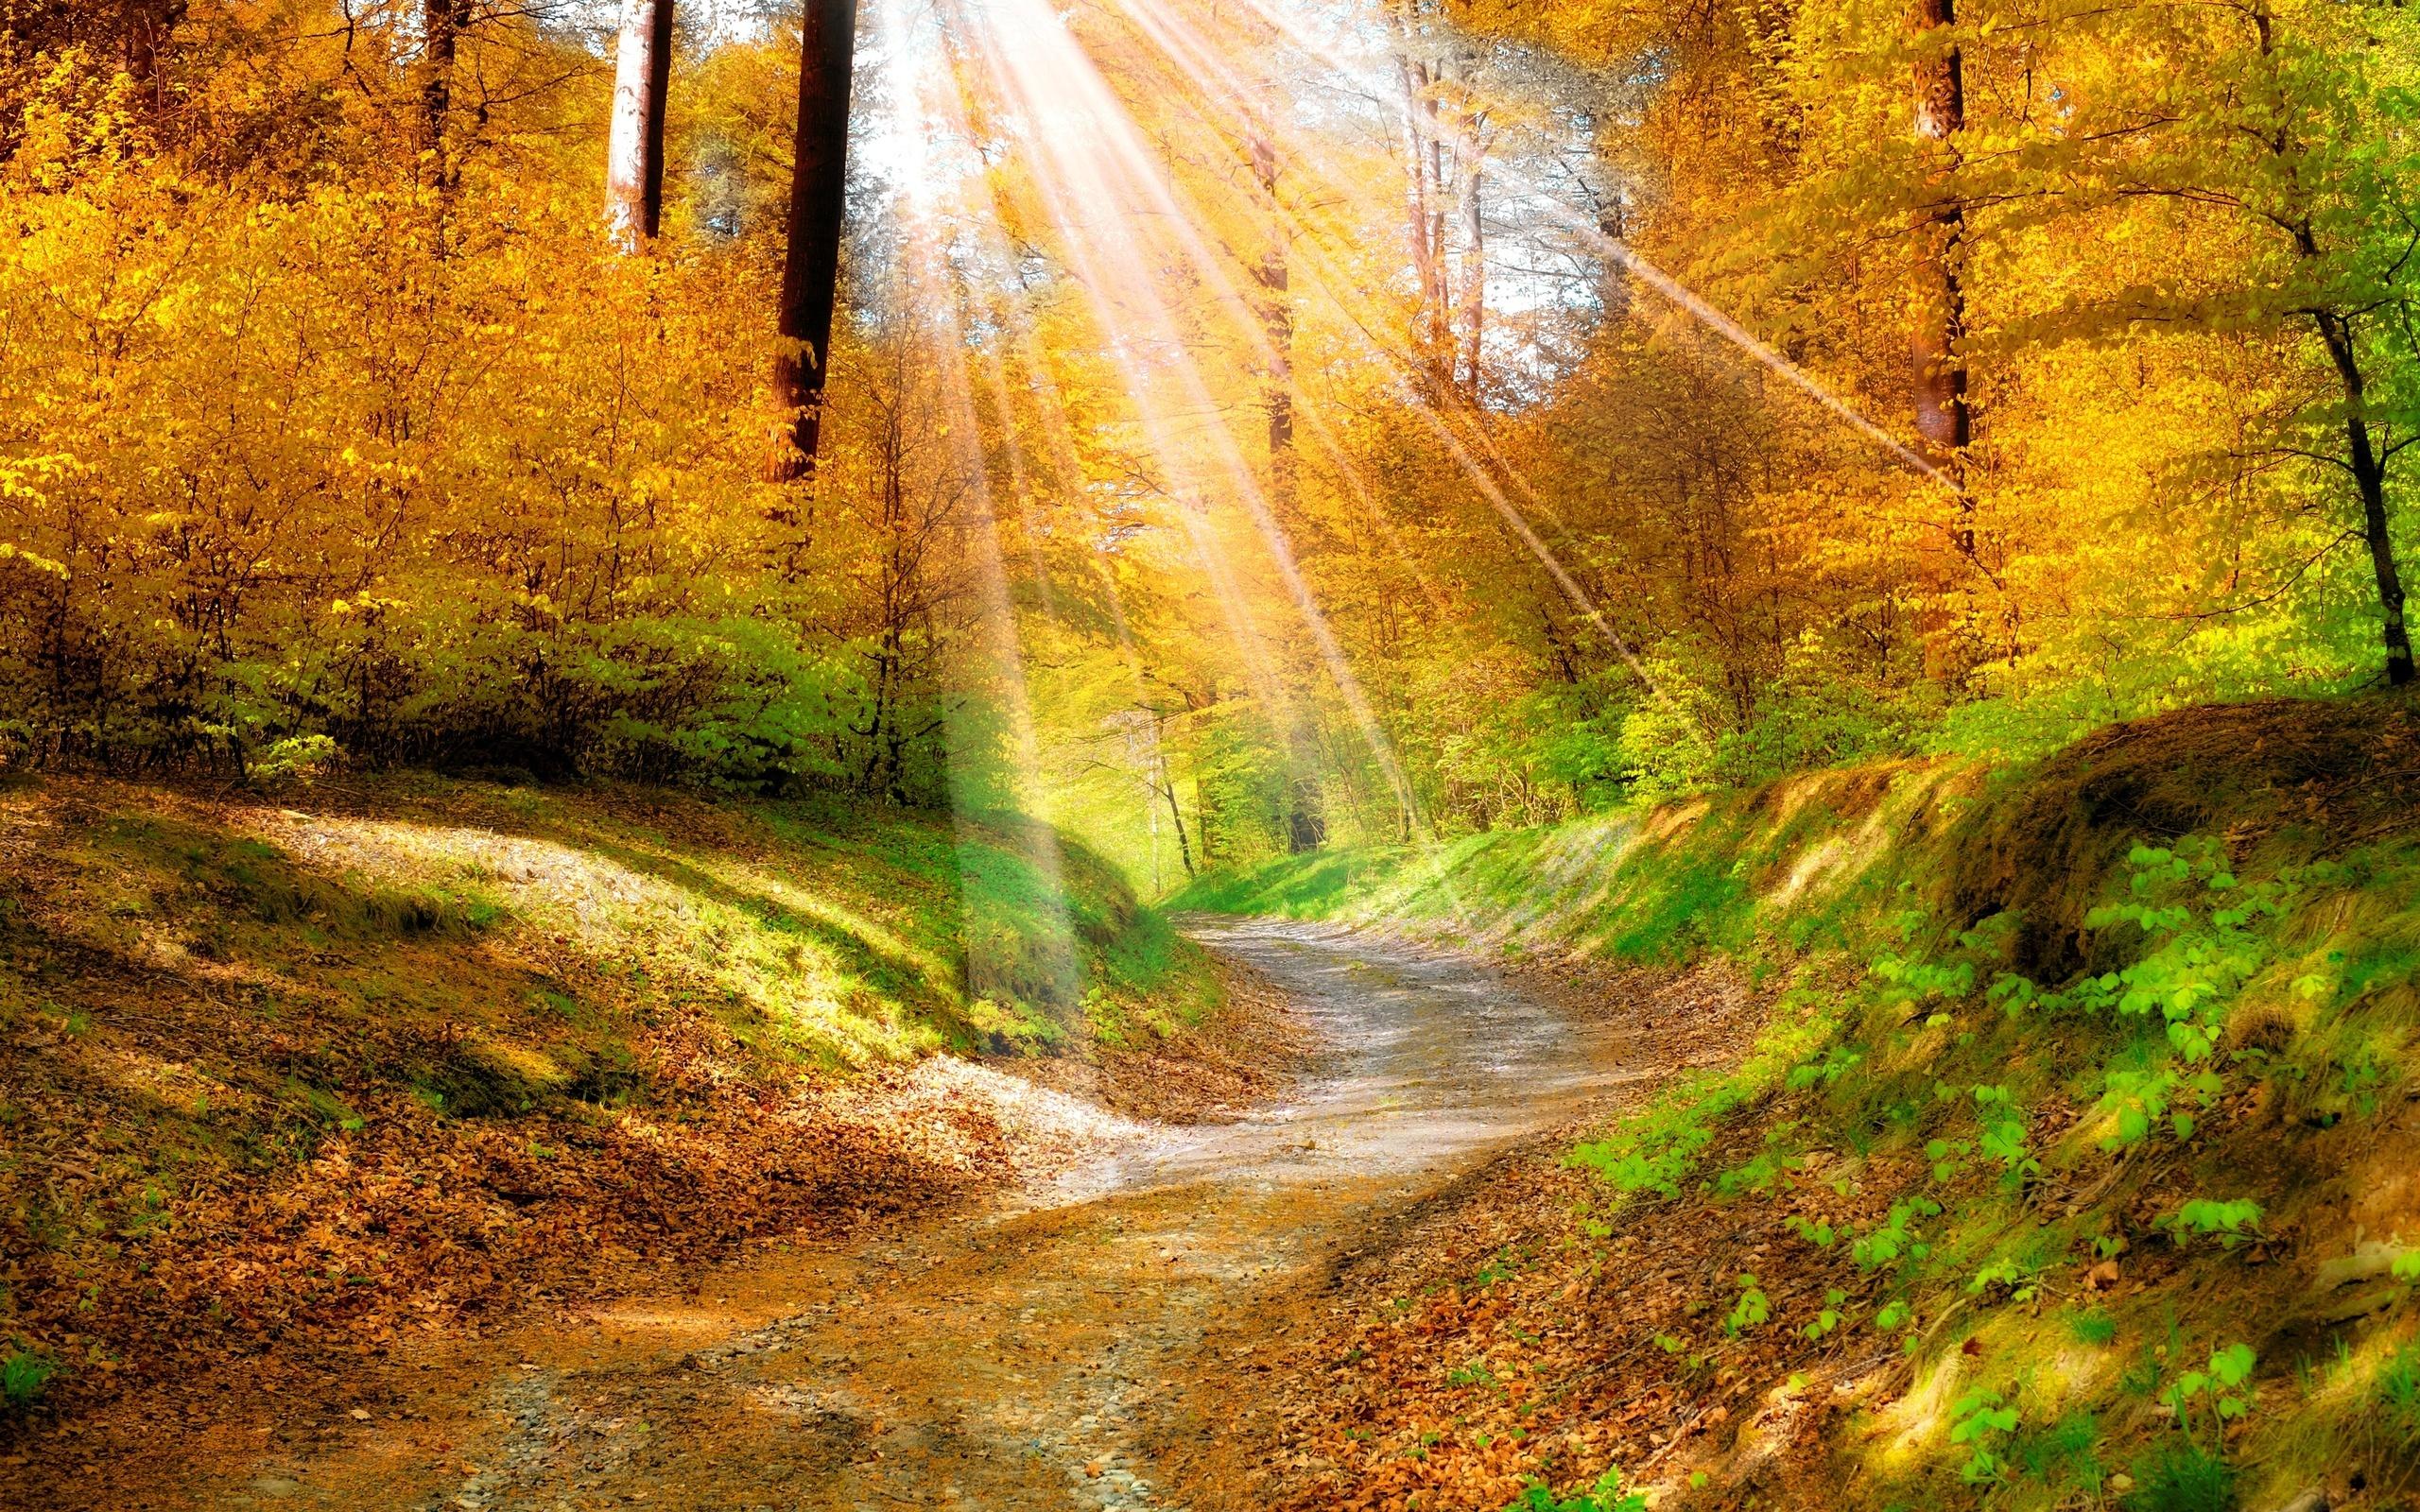 Перший понеділок осені, на Прикарпатті супроводжуватиметься сонячною погодою та відсутністю опадів